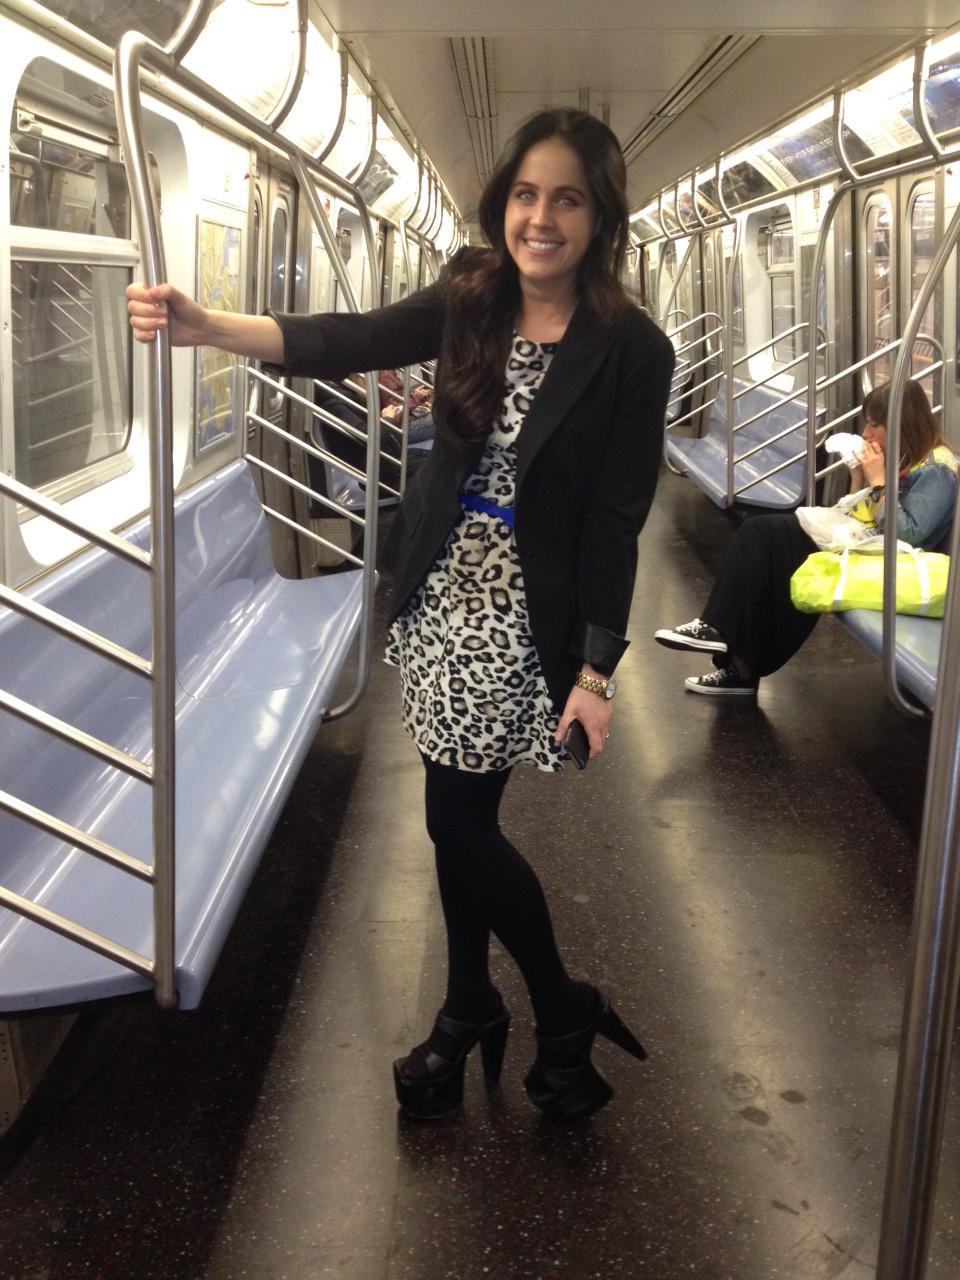 Tranny platform heels